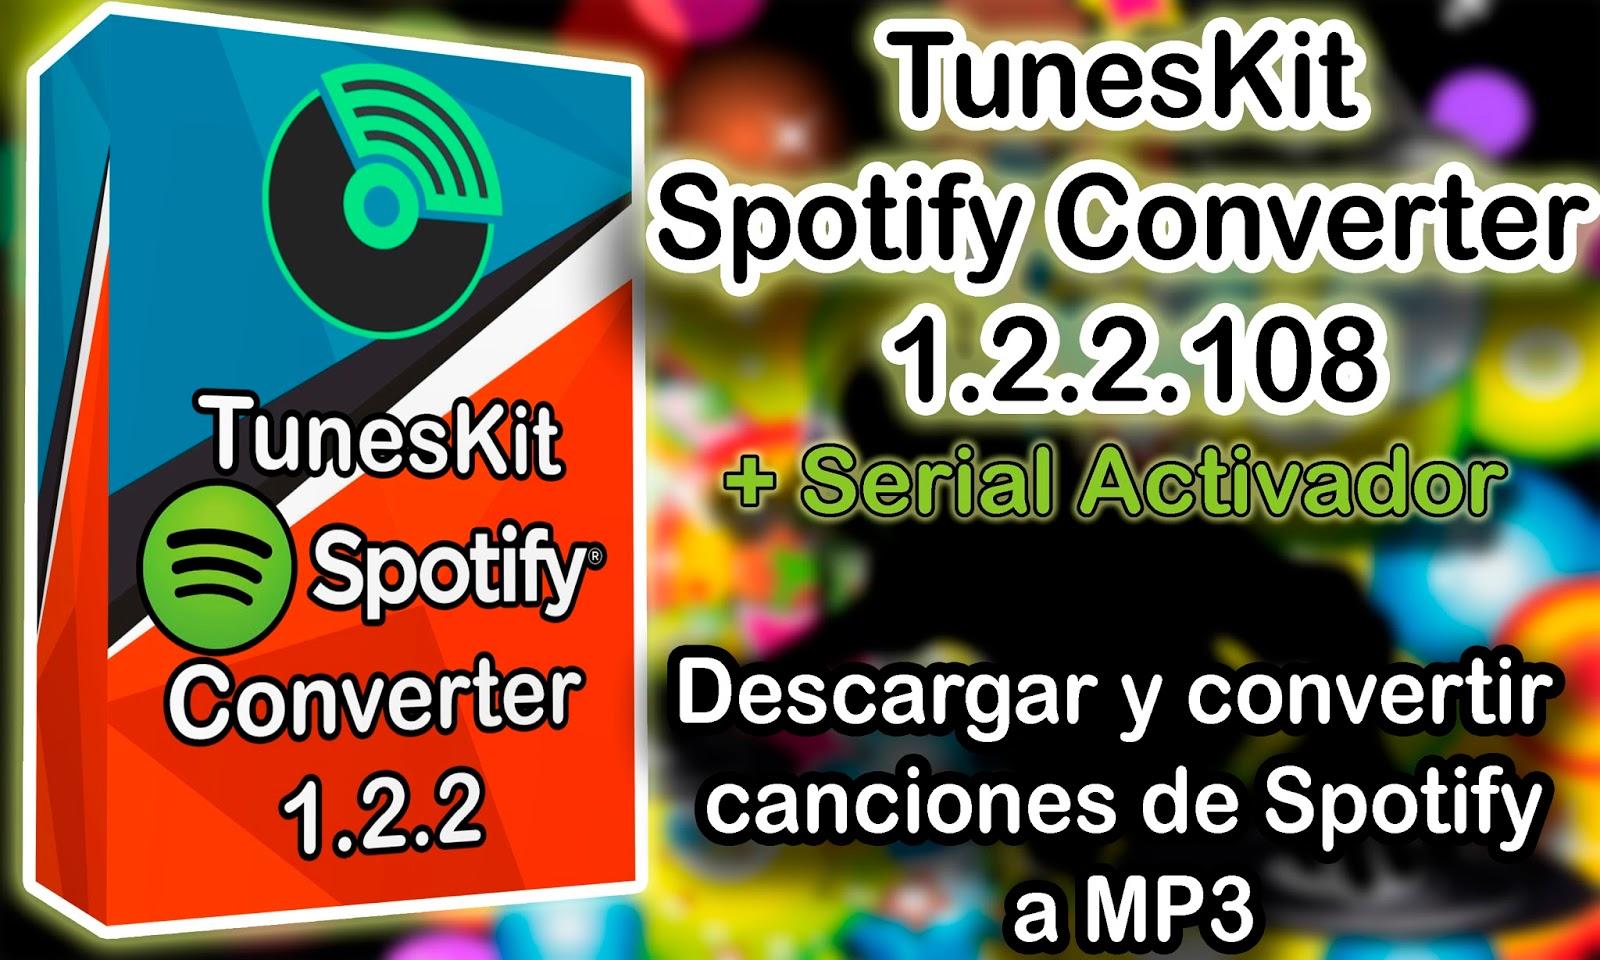 tuneskit spotify converter crack v1.3.4